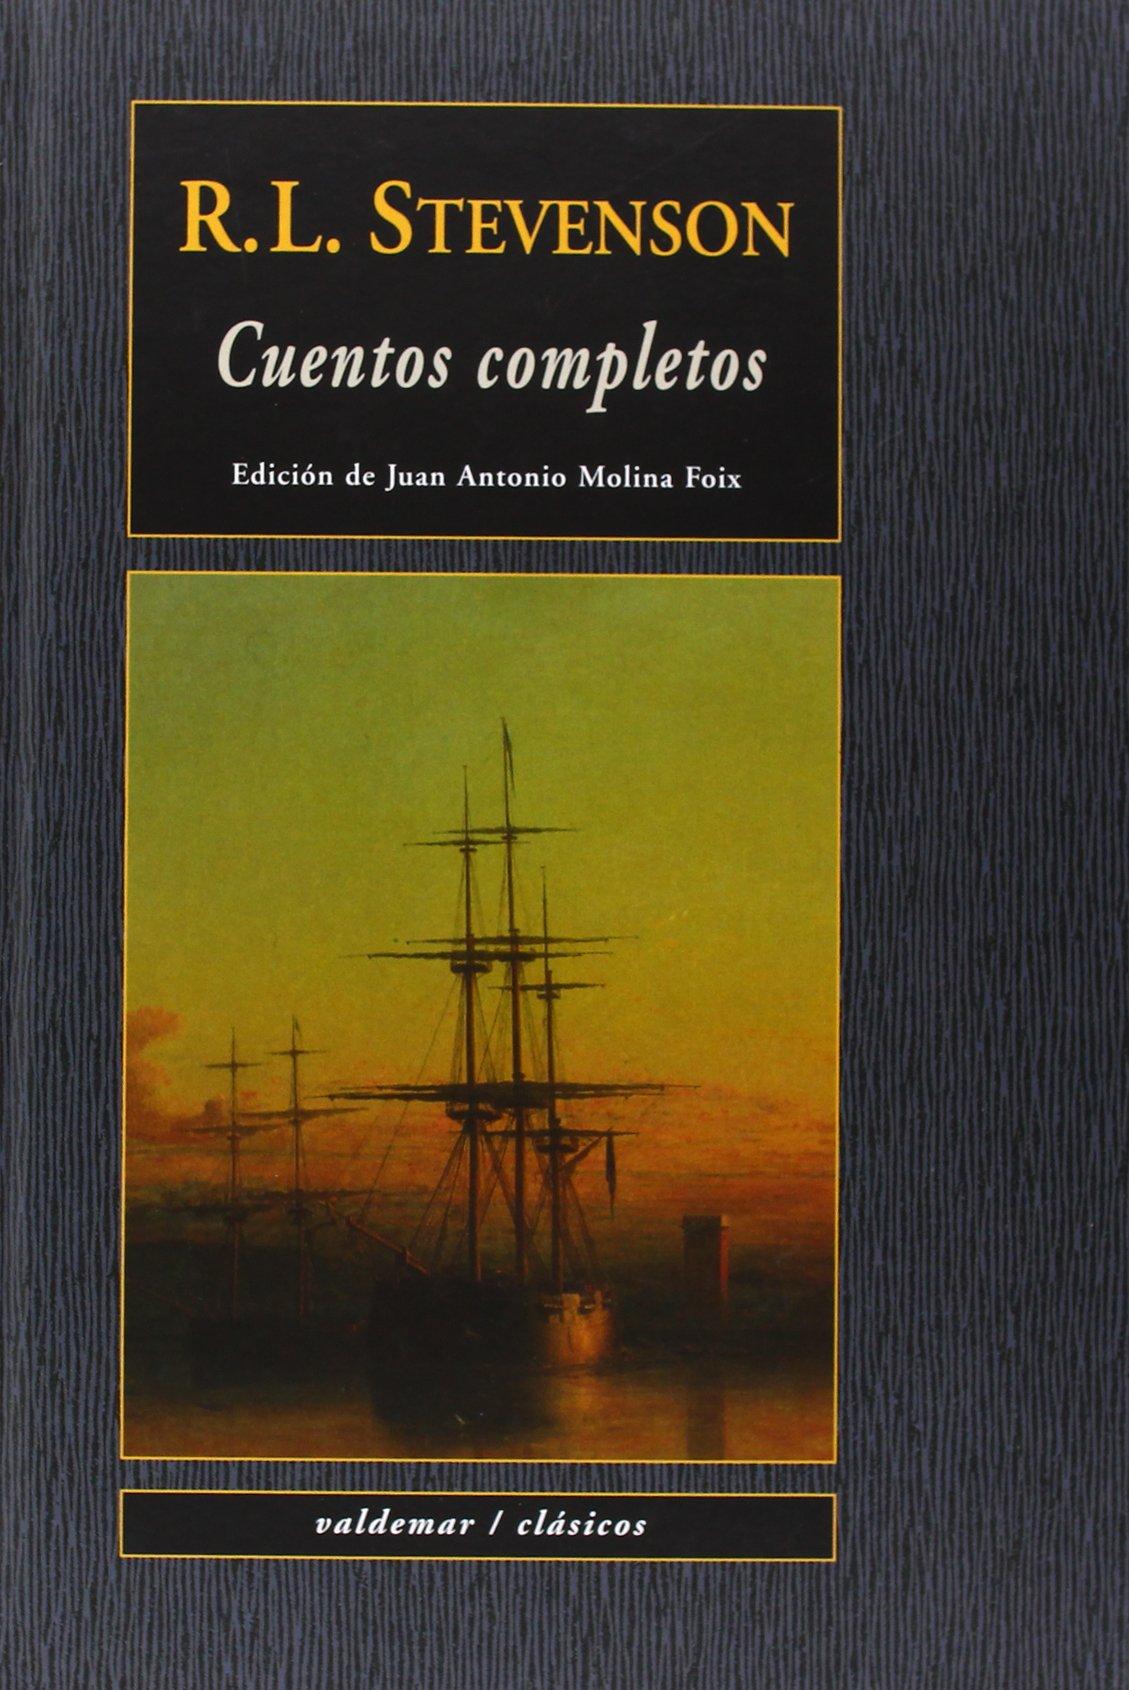 Cuentos Completos (Clásicos) Tapa dura – 16 nov 2015 Pilar Pedraza Valdemar 8477027471 Aventura